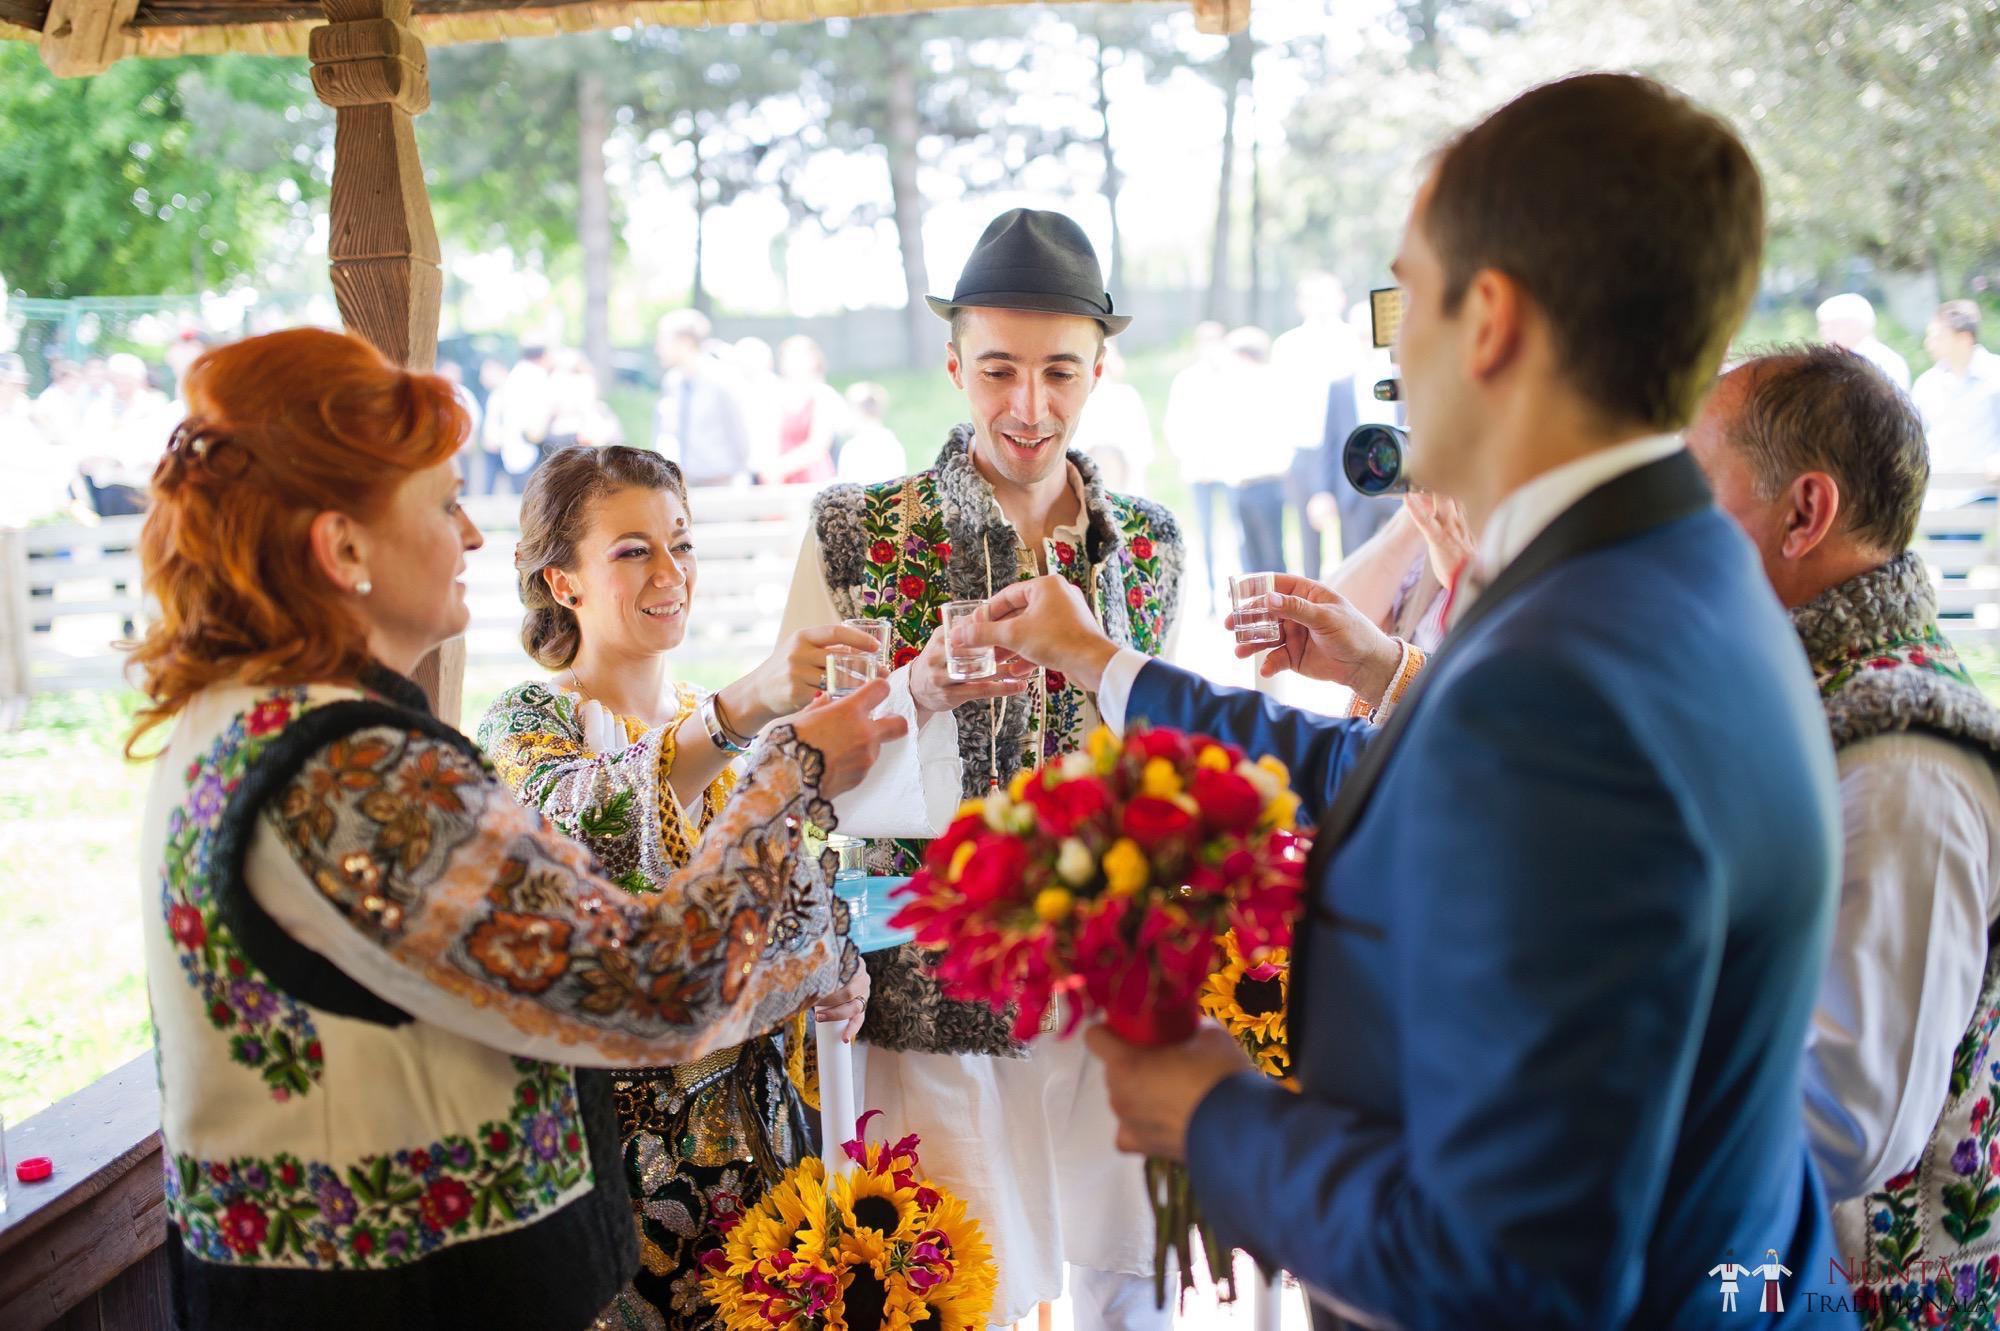 Povești Nunți Tradiționale - Gabriela și Mădălin - Nuntă Tradițională în Suceava, Bucovina 95